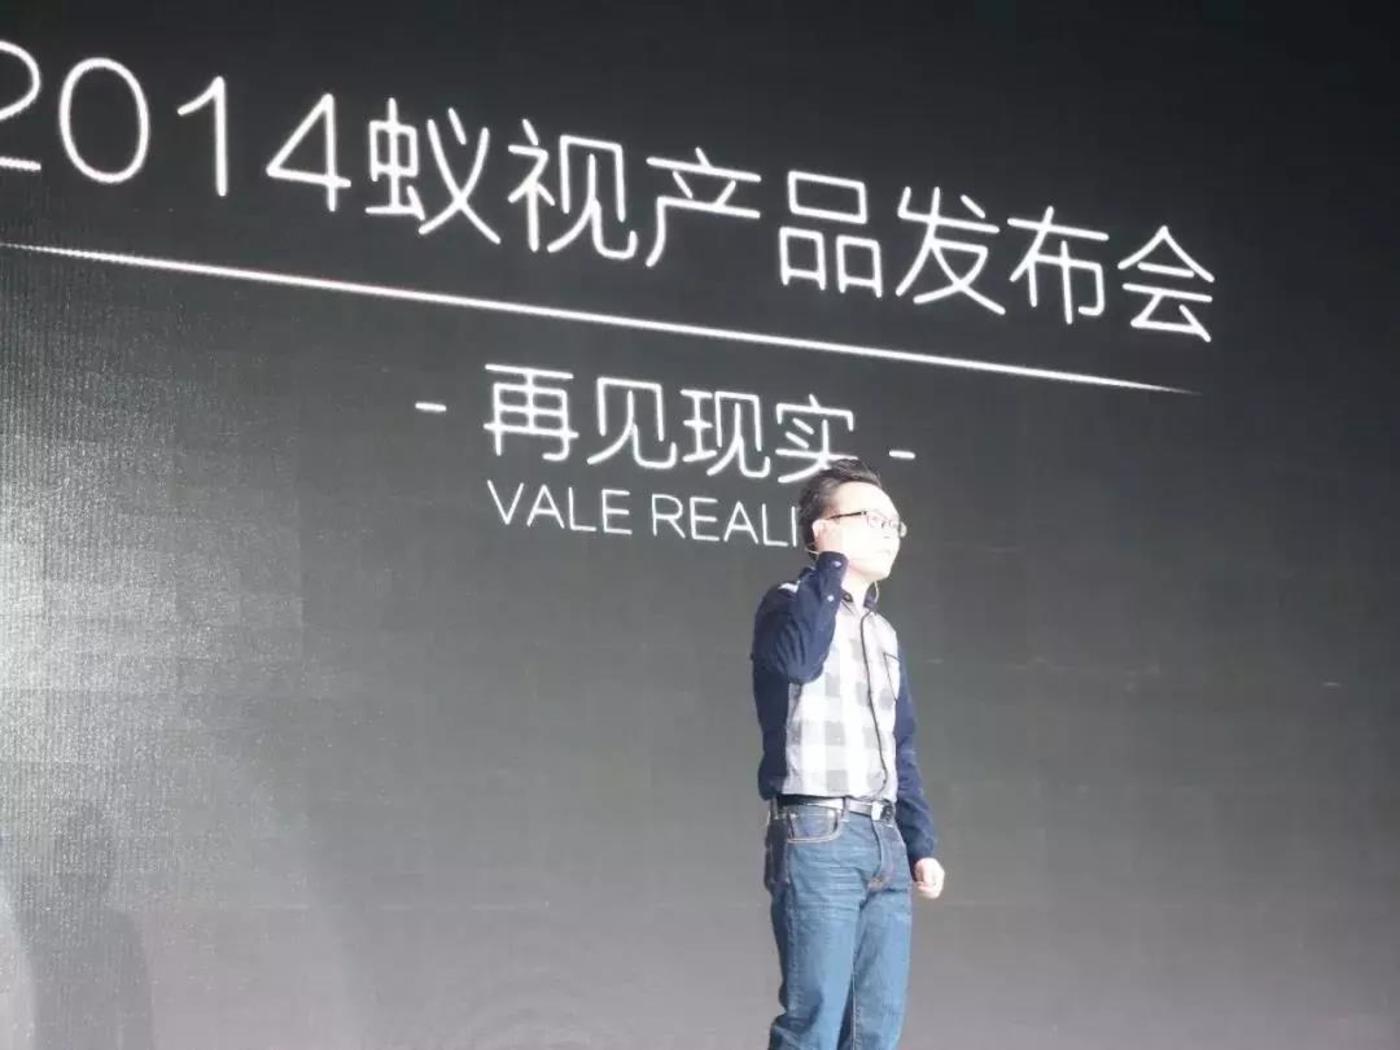 2014年蚁视科技产品发布会:再见现实